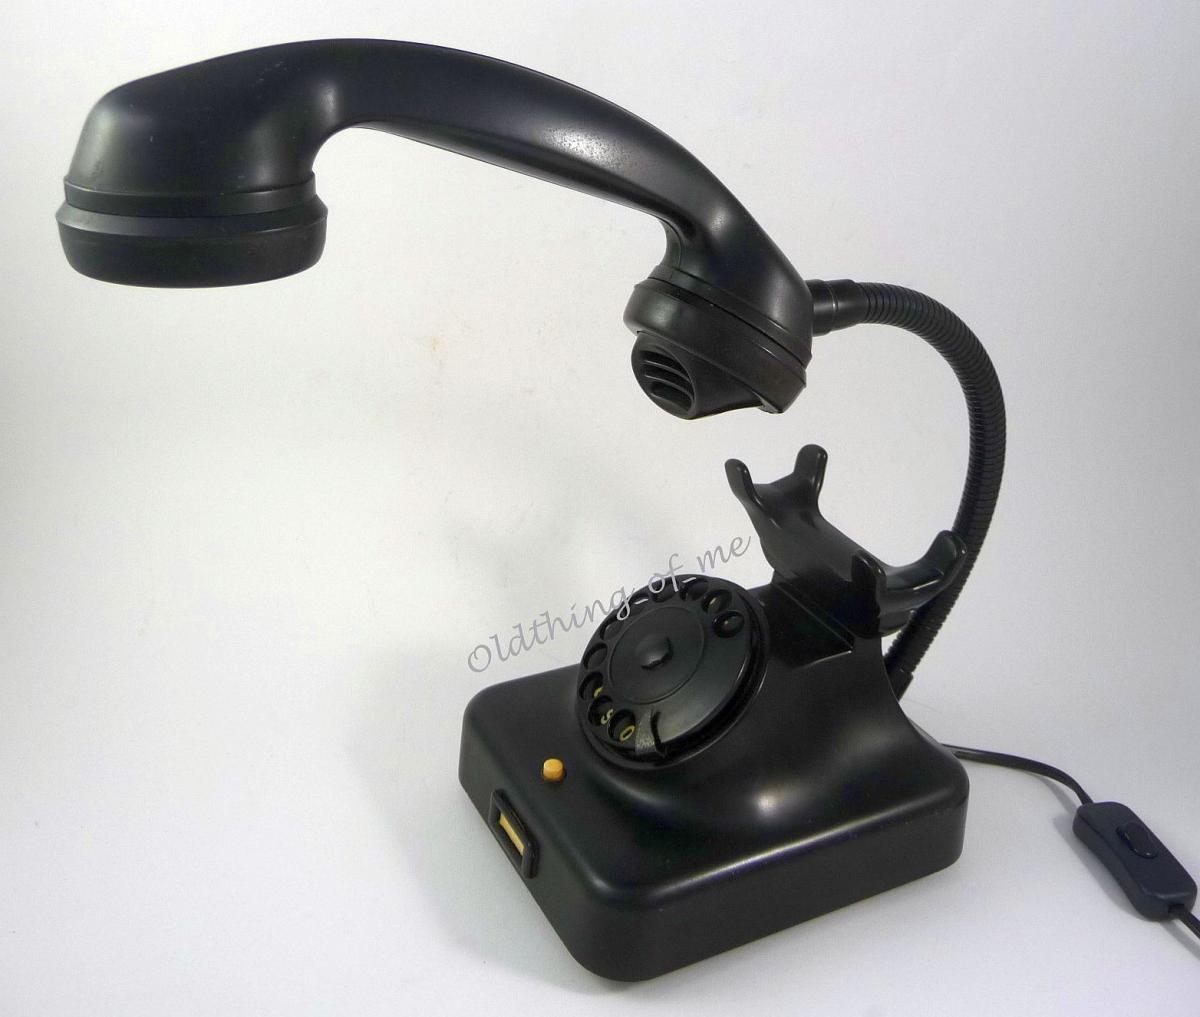 Tischlampe schwarzes Bakalite Telefon mit Schwanenhals LED Technik Telefonlampe 0